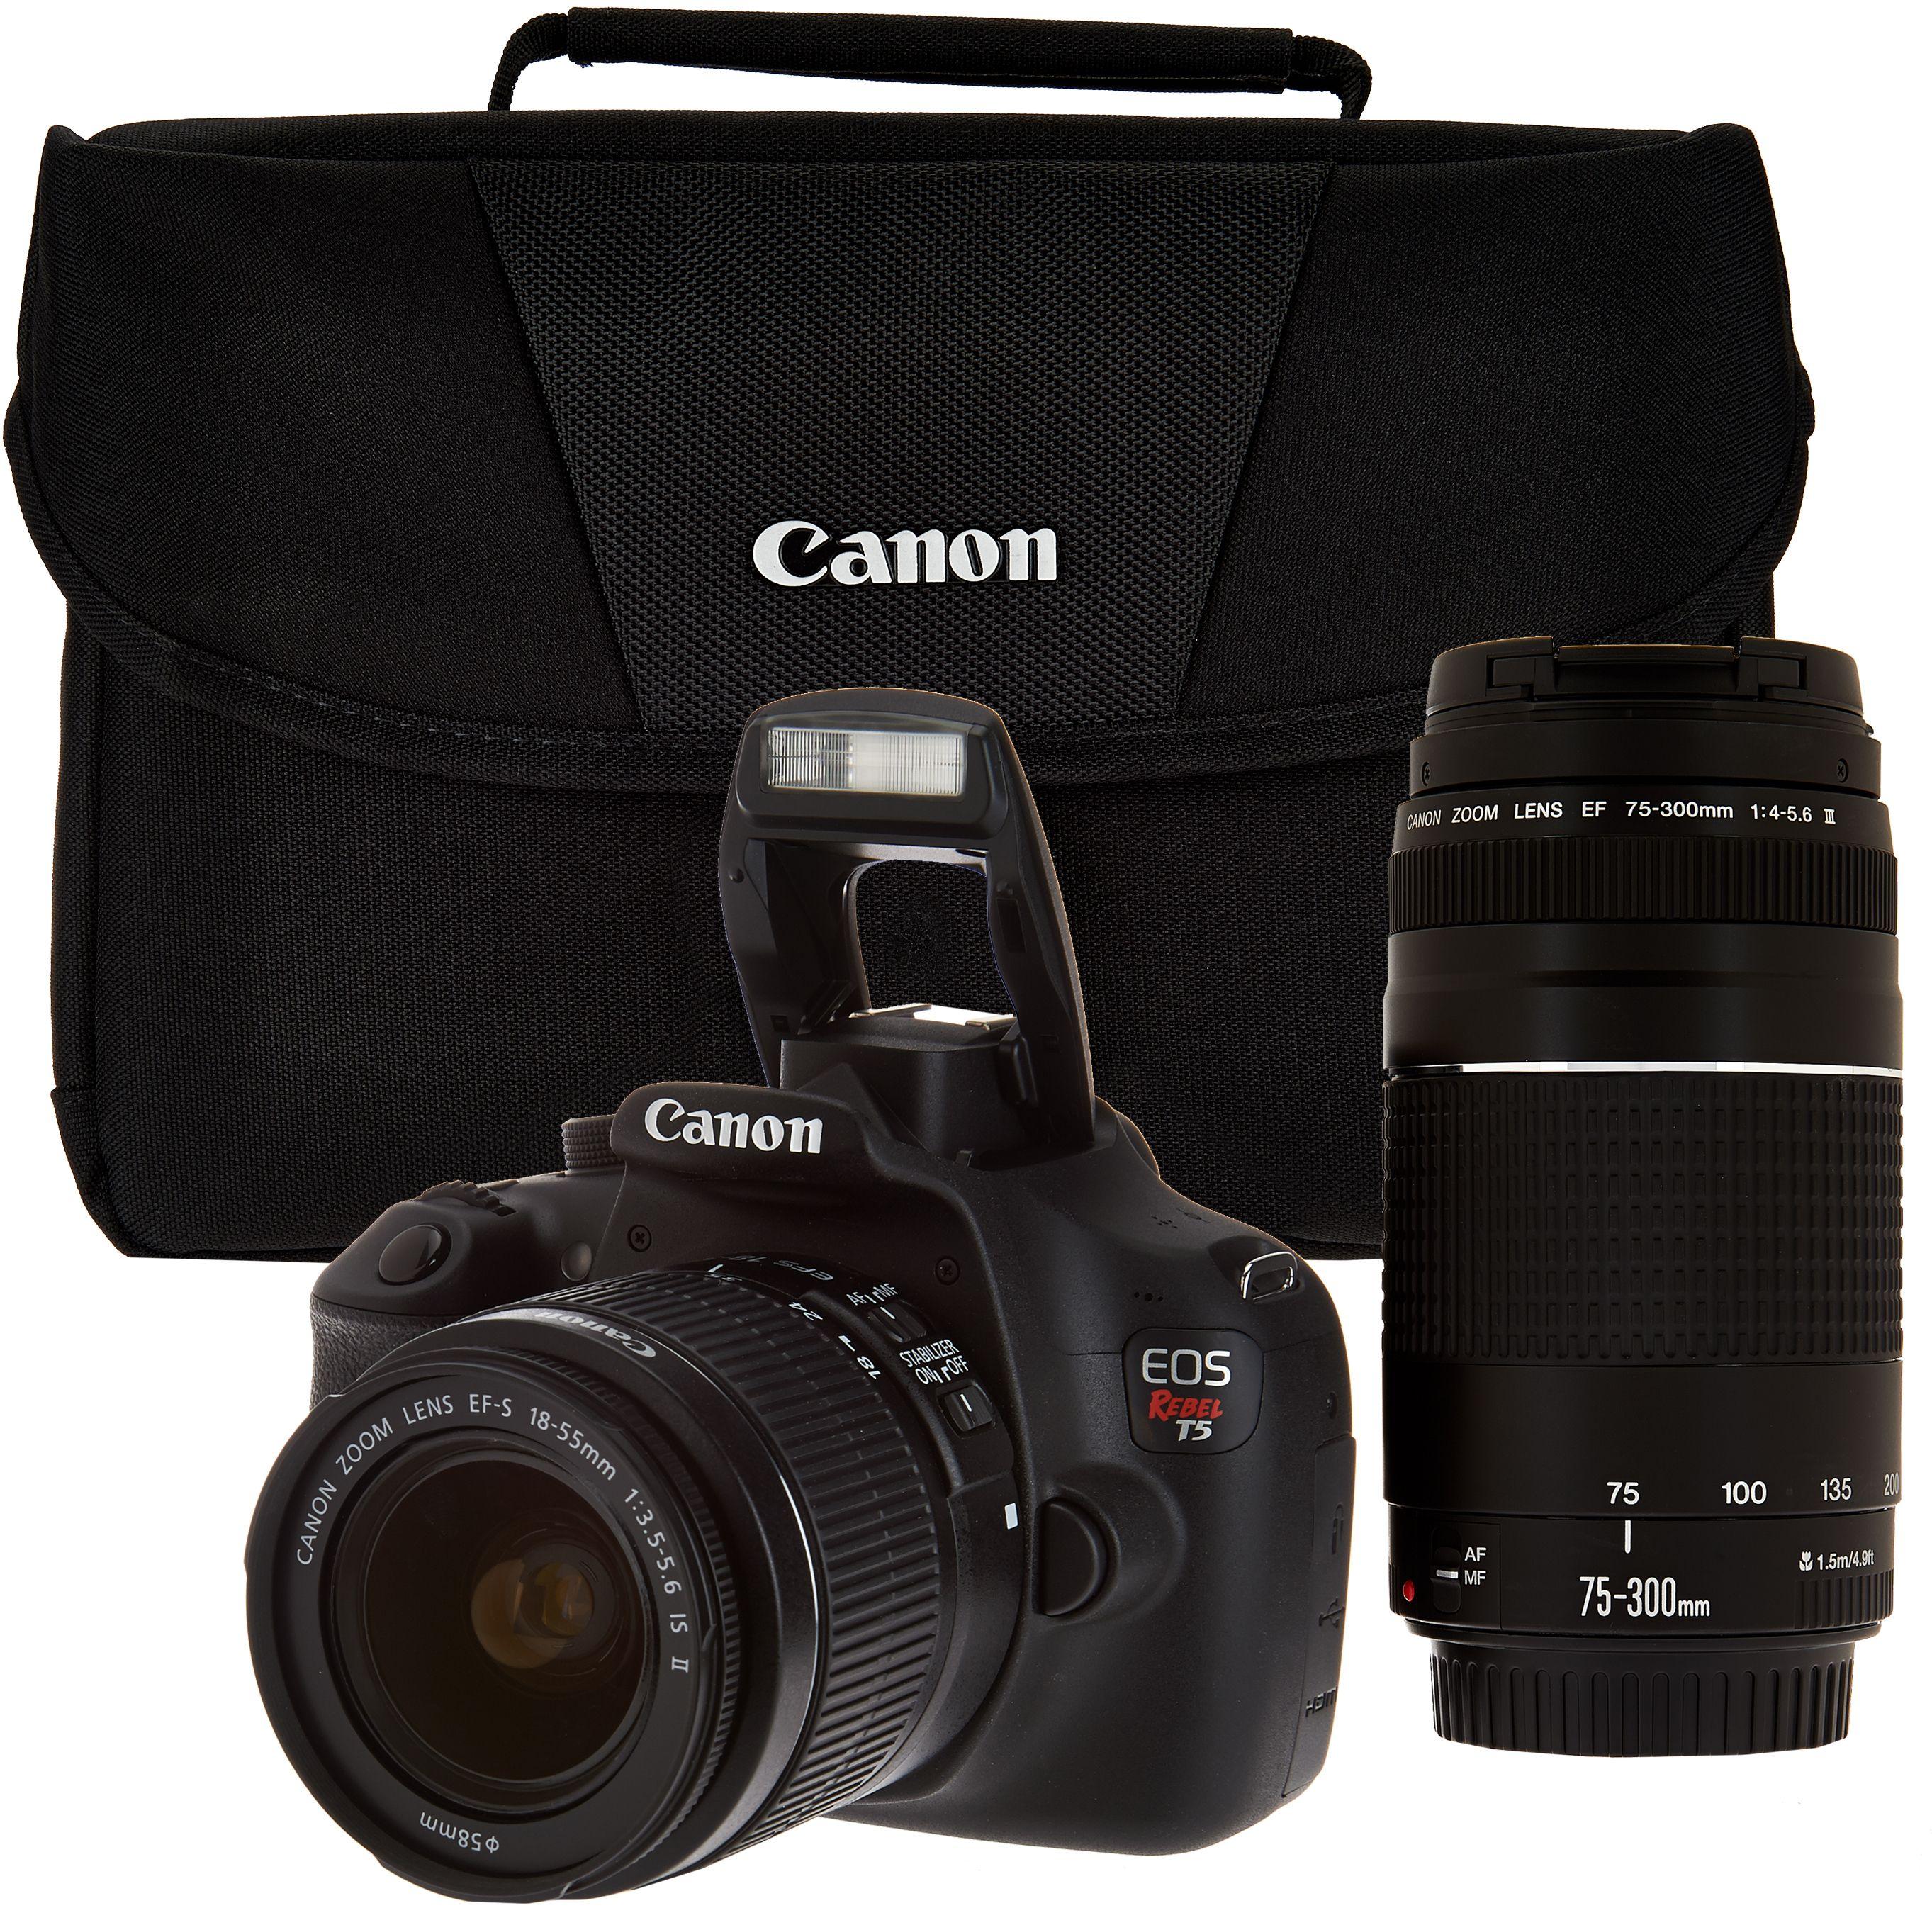 Camera Clearance Dslr Cameras digital cameras camera kits qvc com canon rebel t5 18mp dslr w 18 55mm 75 300mm lenses